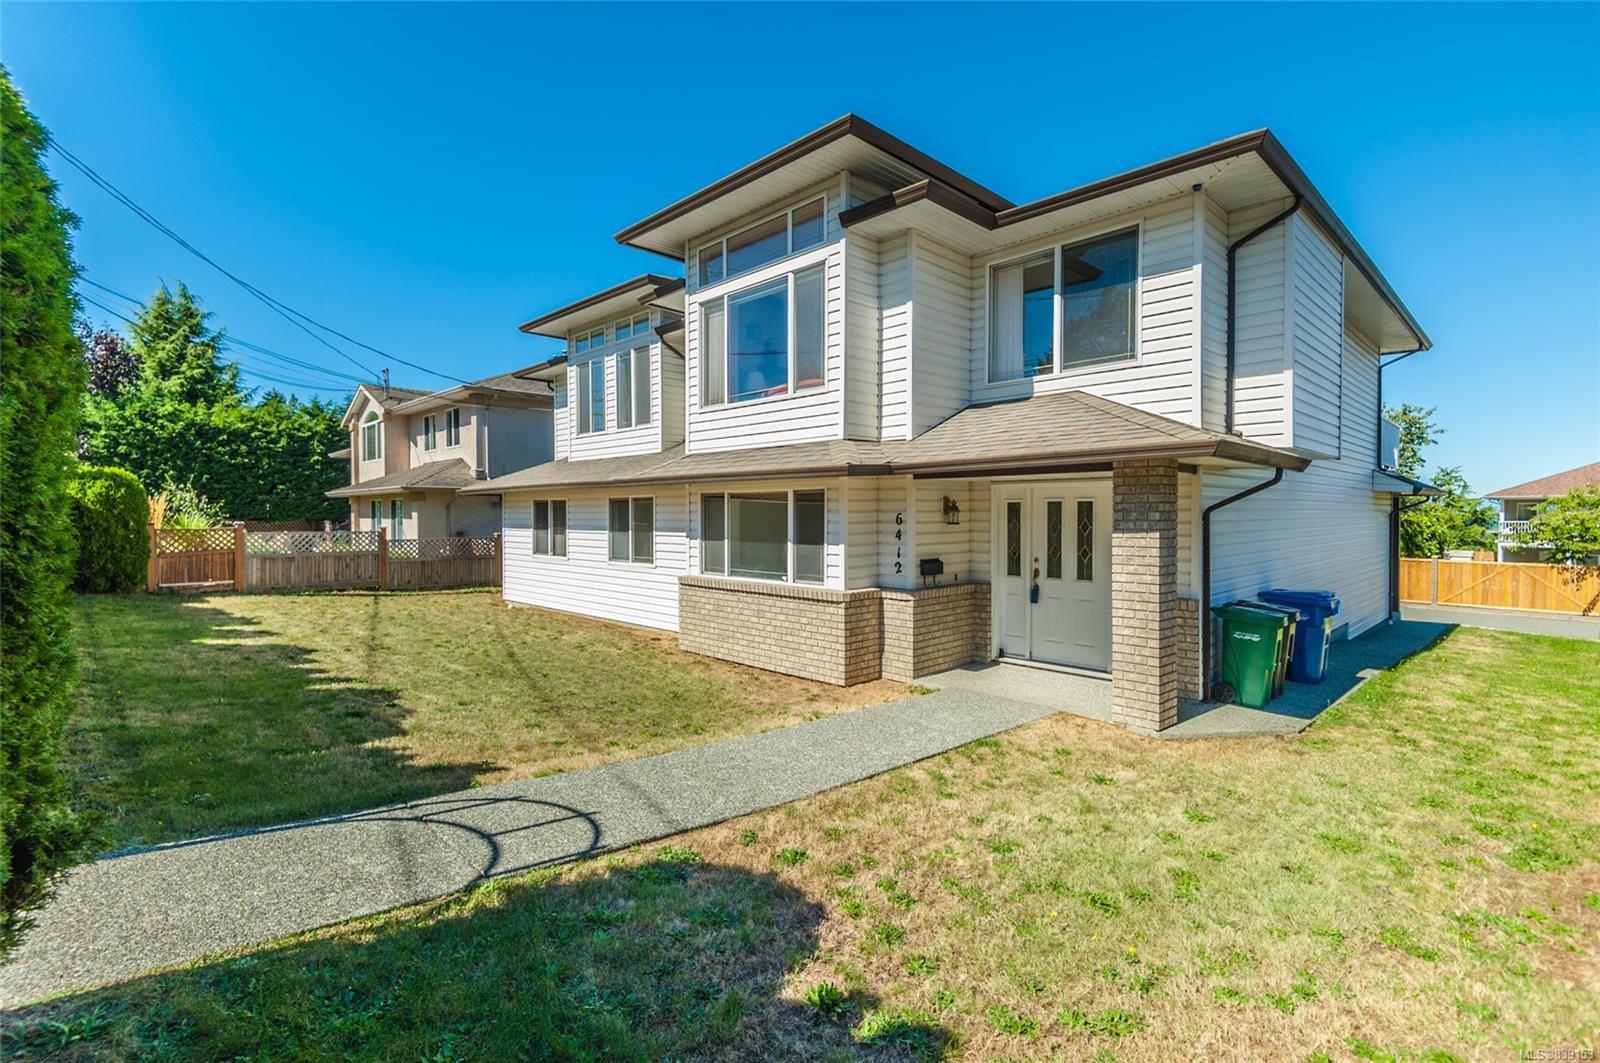 Main Photo: 6412 Dover Rd in NANAIMO: Na North Nanaimo House for sale (Nanaimo)  : MLS®# 839153